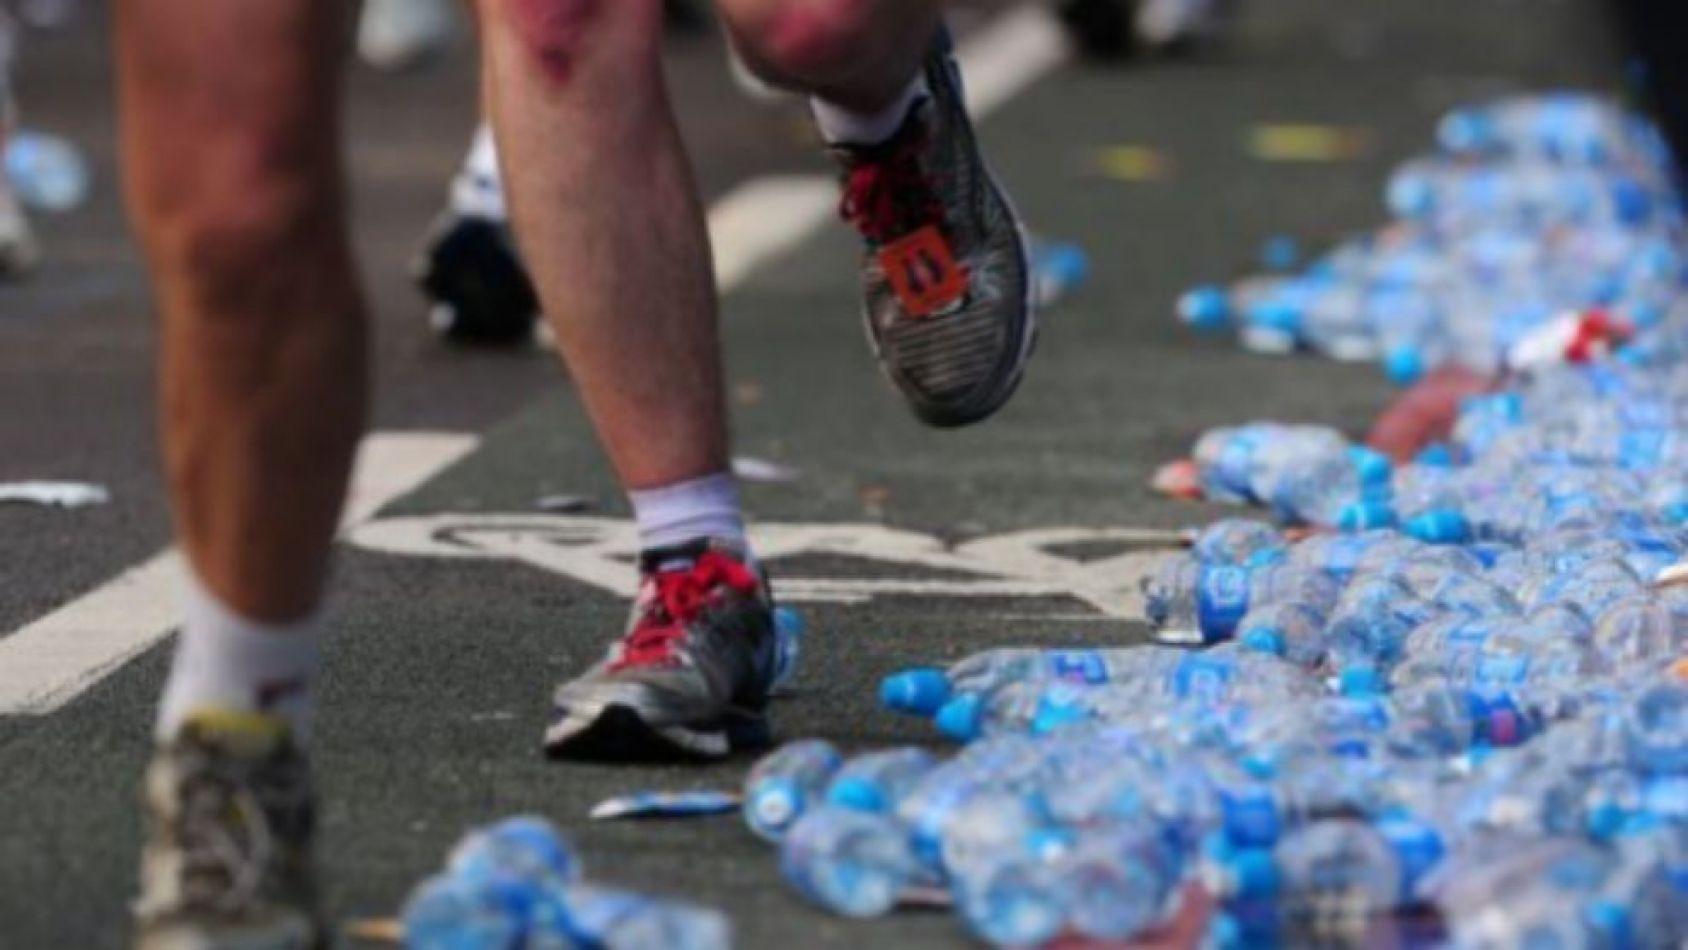 """Maratón de Conwy: """"Descalificarán a los corredores que arrojen botellas de agua al suelo"""""""